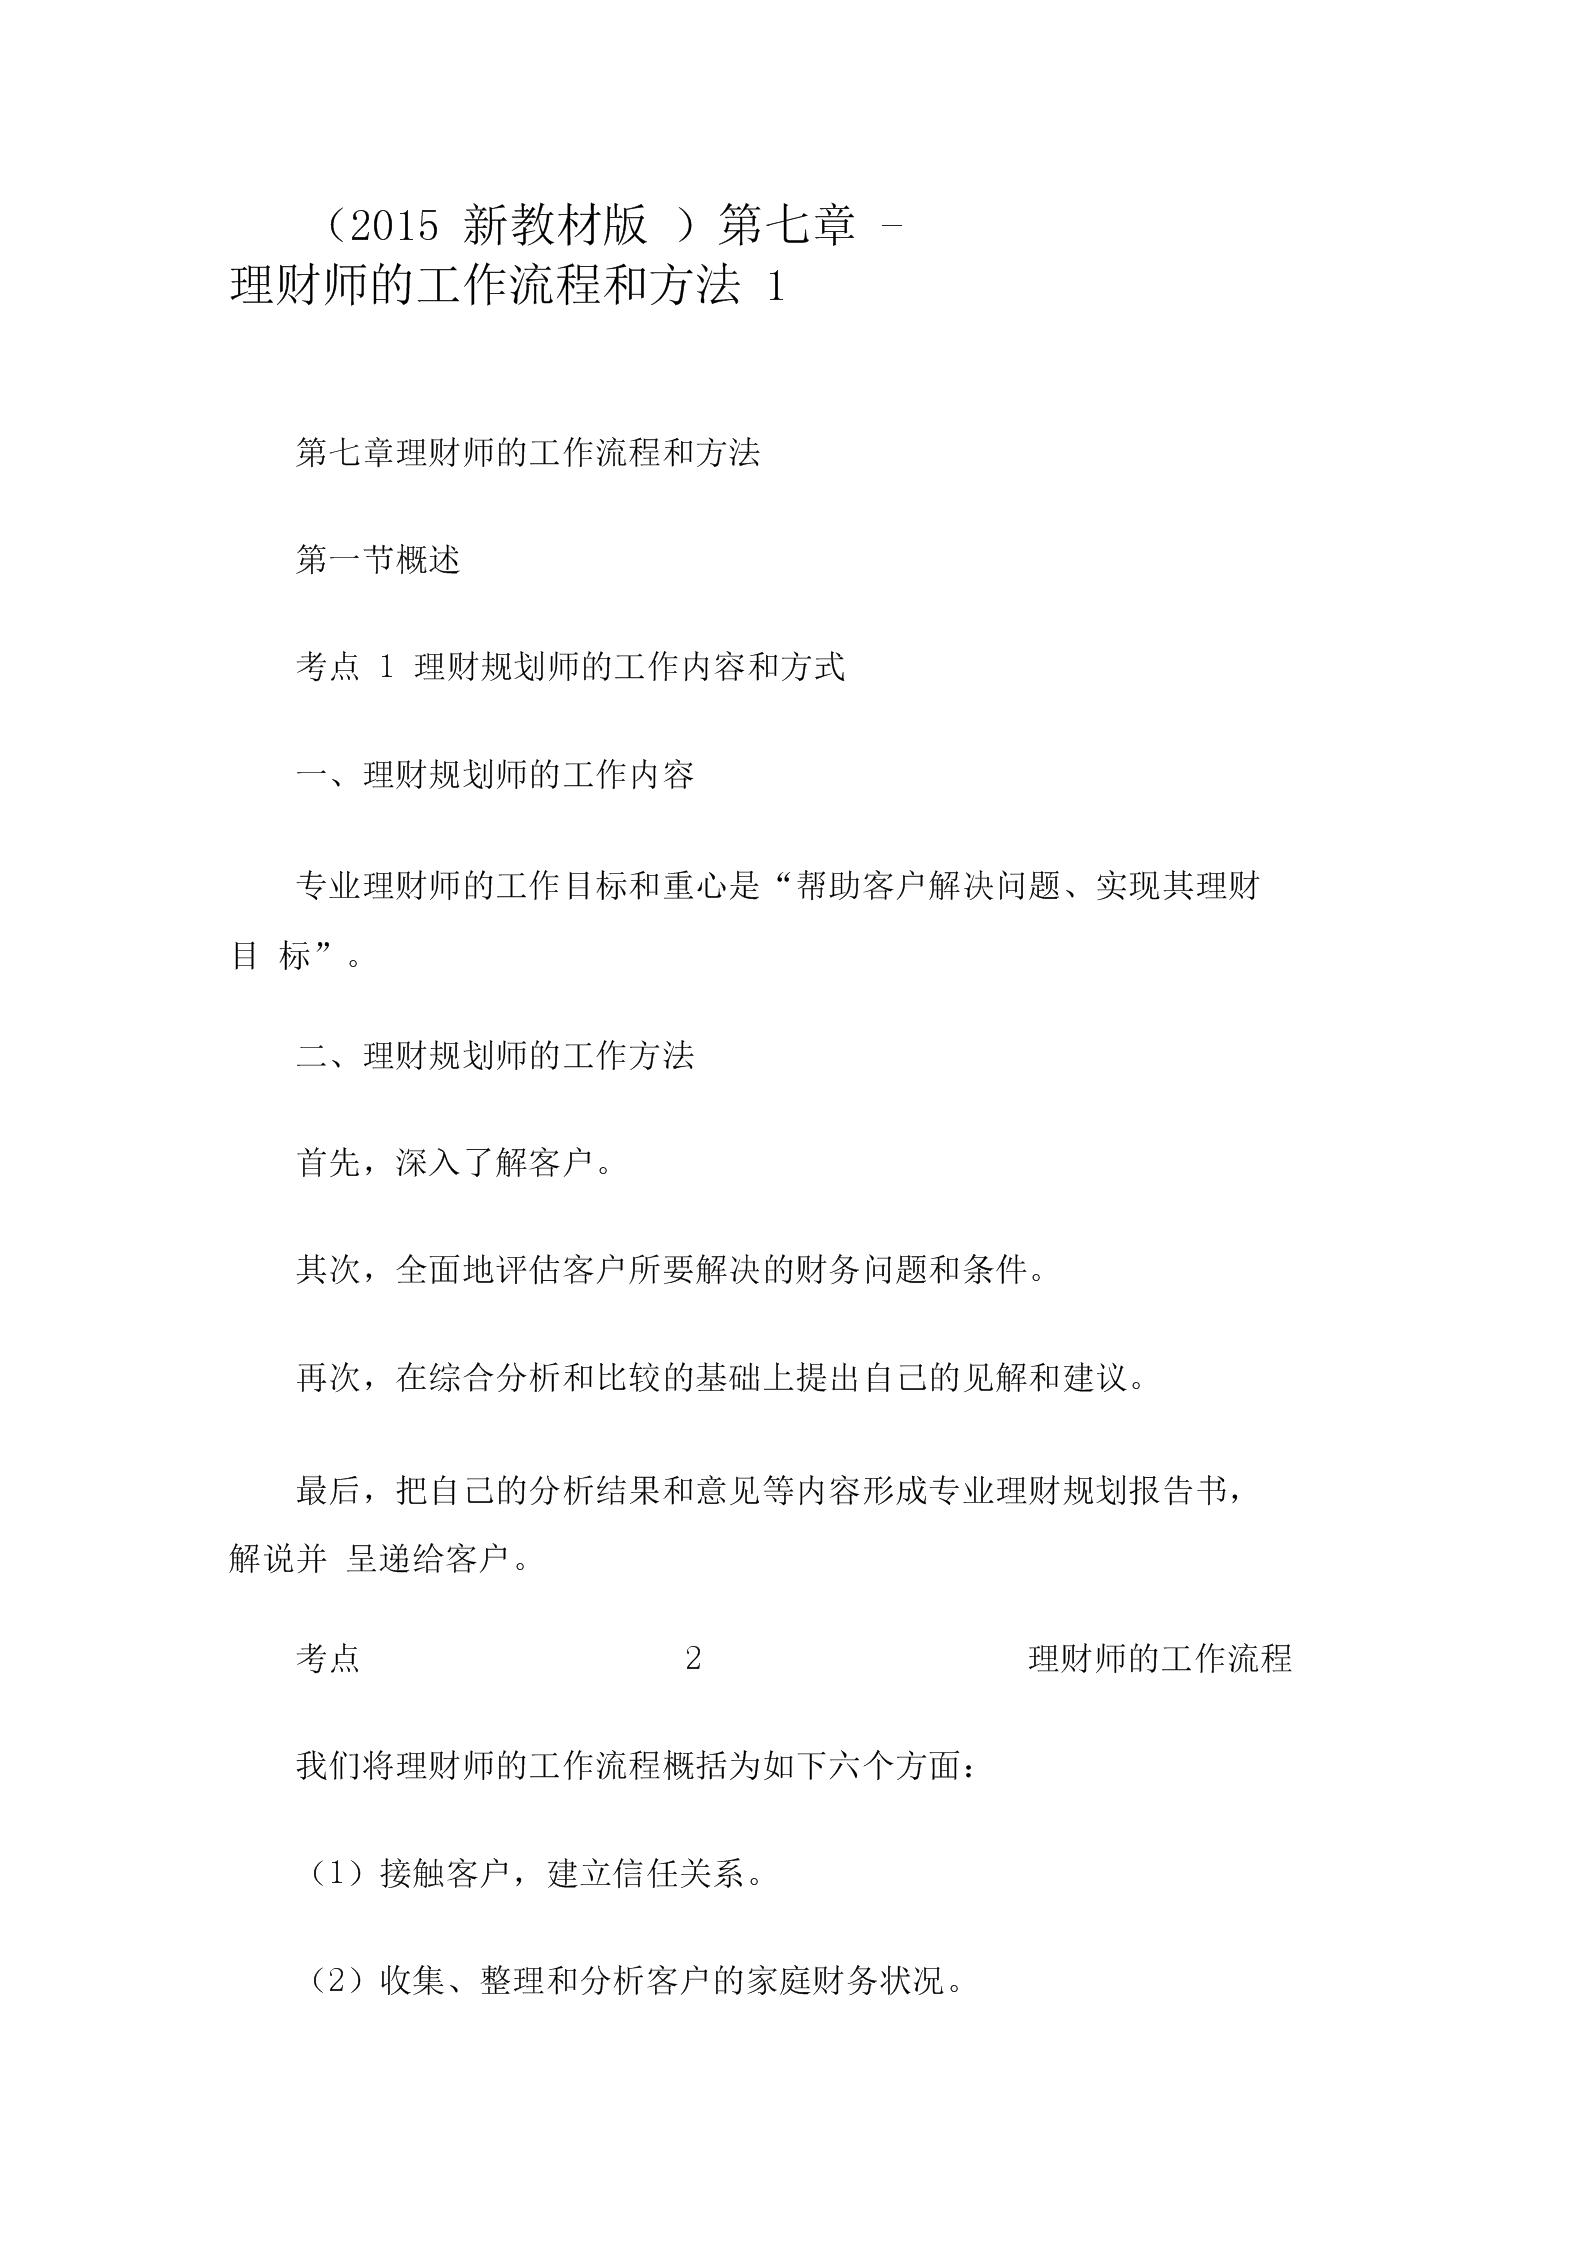 新教材版第七章理财师的工作流程和方法.docx